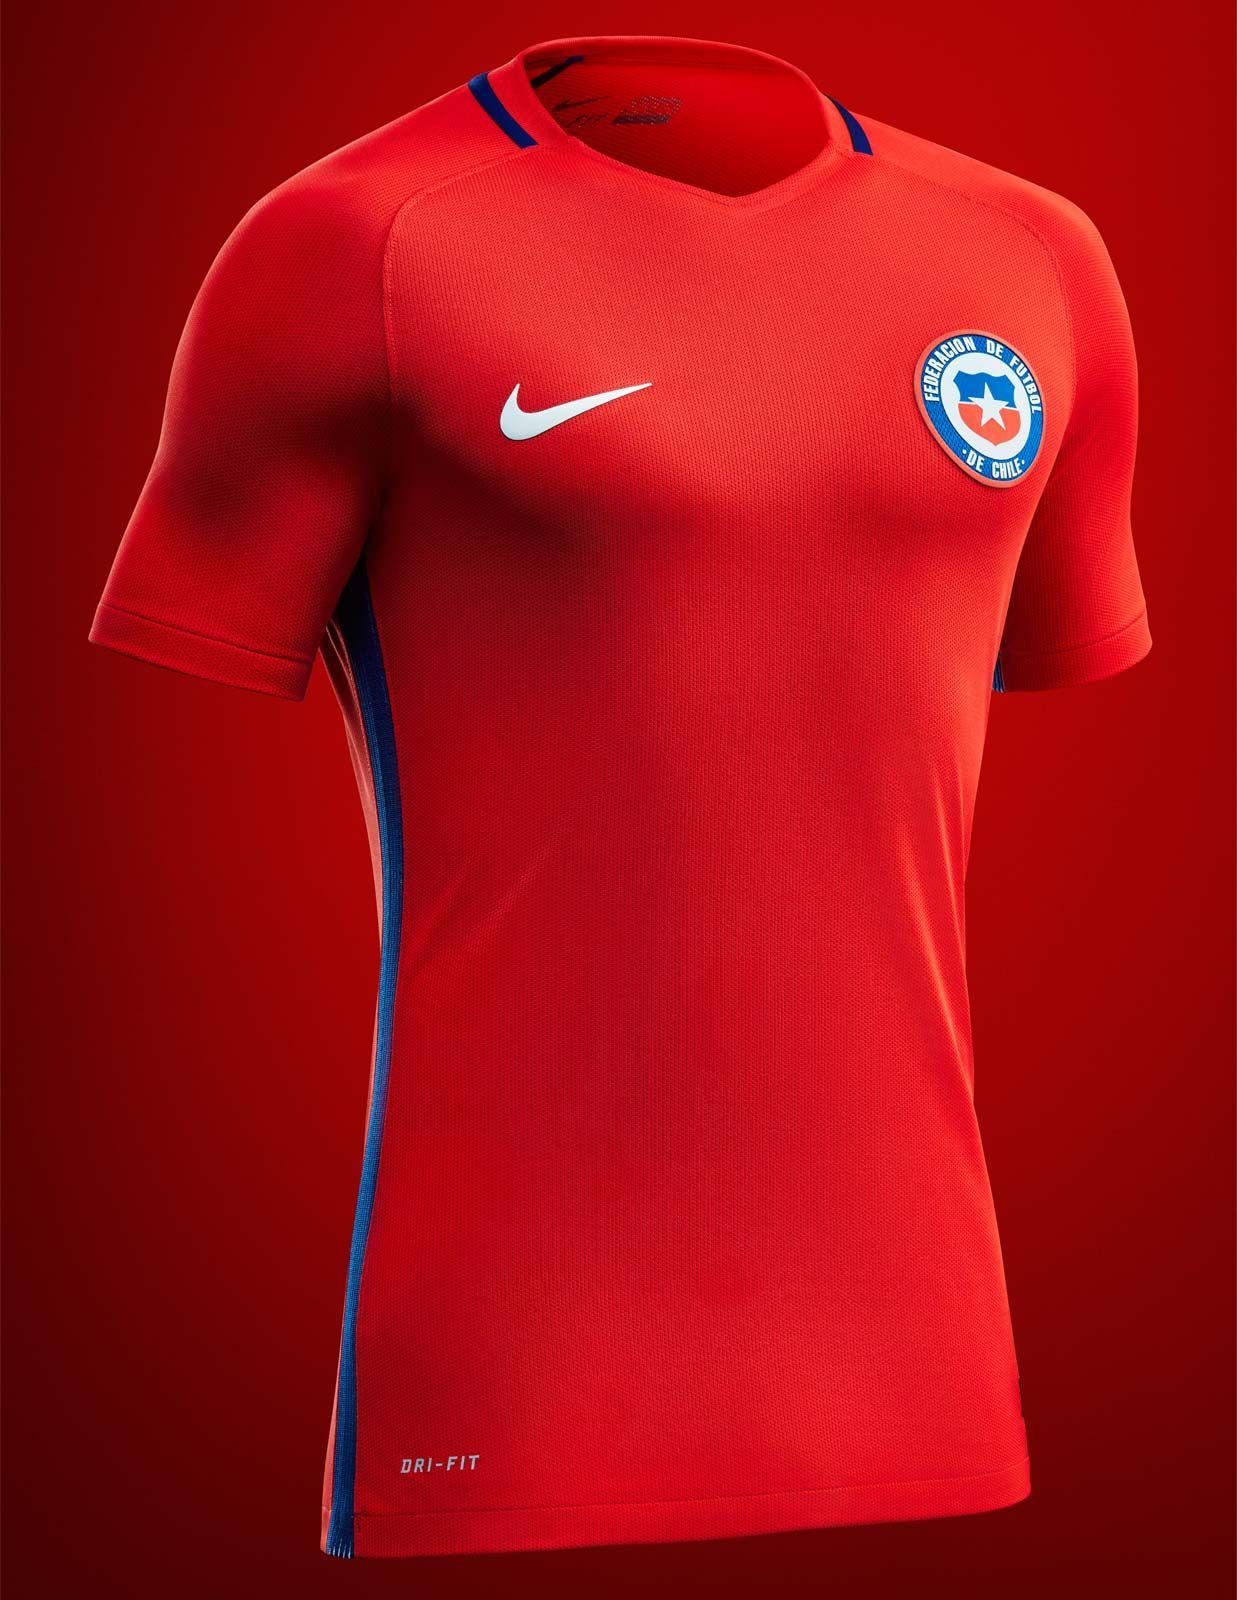 Chile (Federación de Fútbol de Chile) - 2016 Copa América Nike Home Shirt 0efc57fb0811a